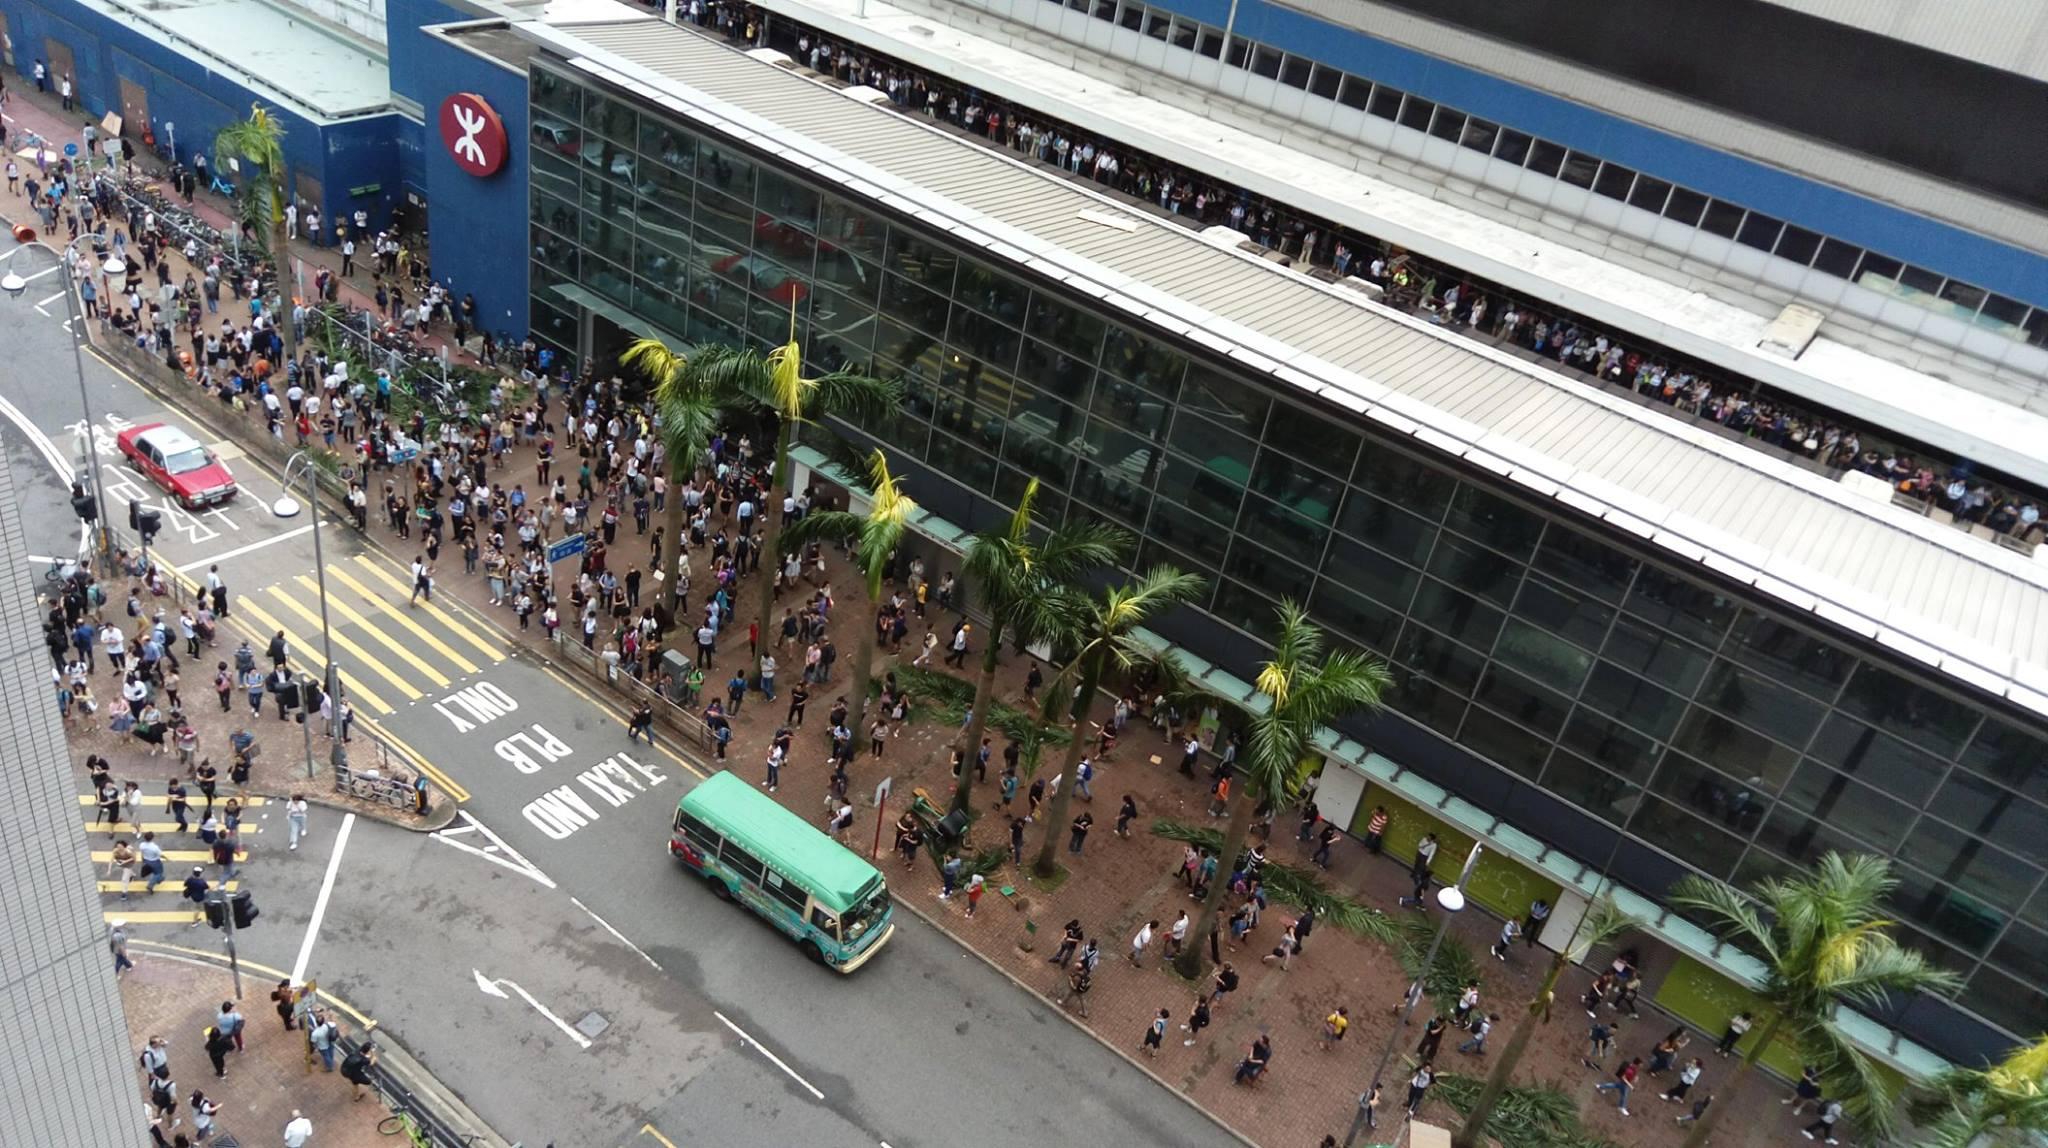 港鐵大圍站外亦出現人潮。(W.K. Au/香港突發事故報料區)